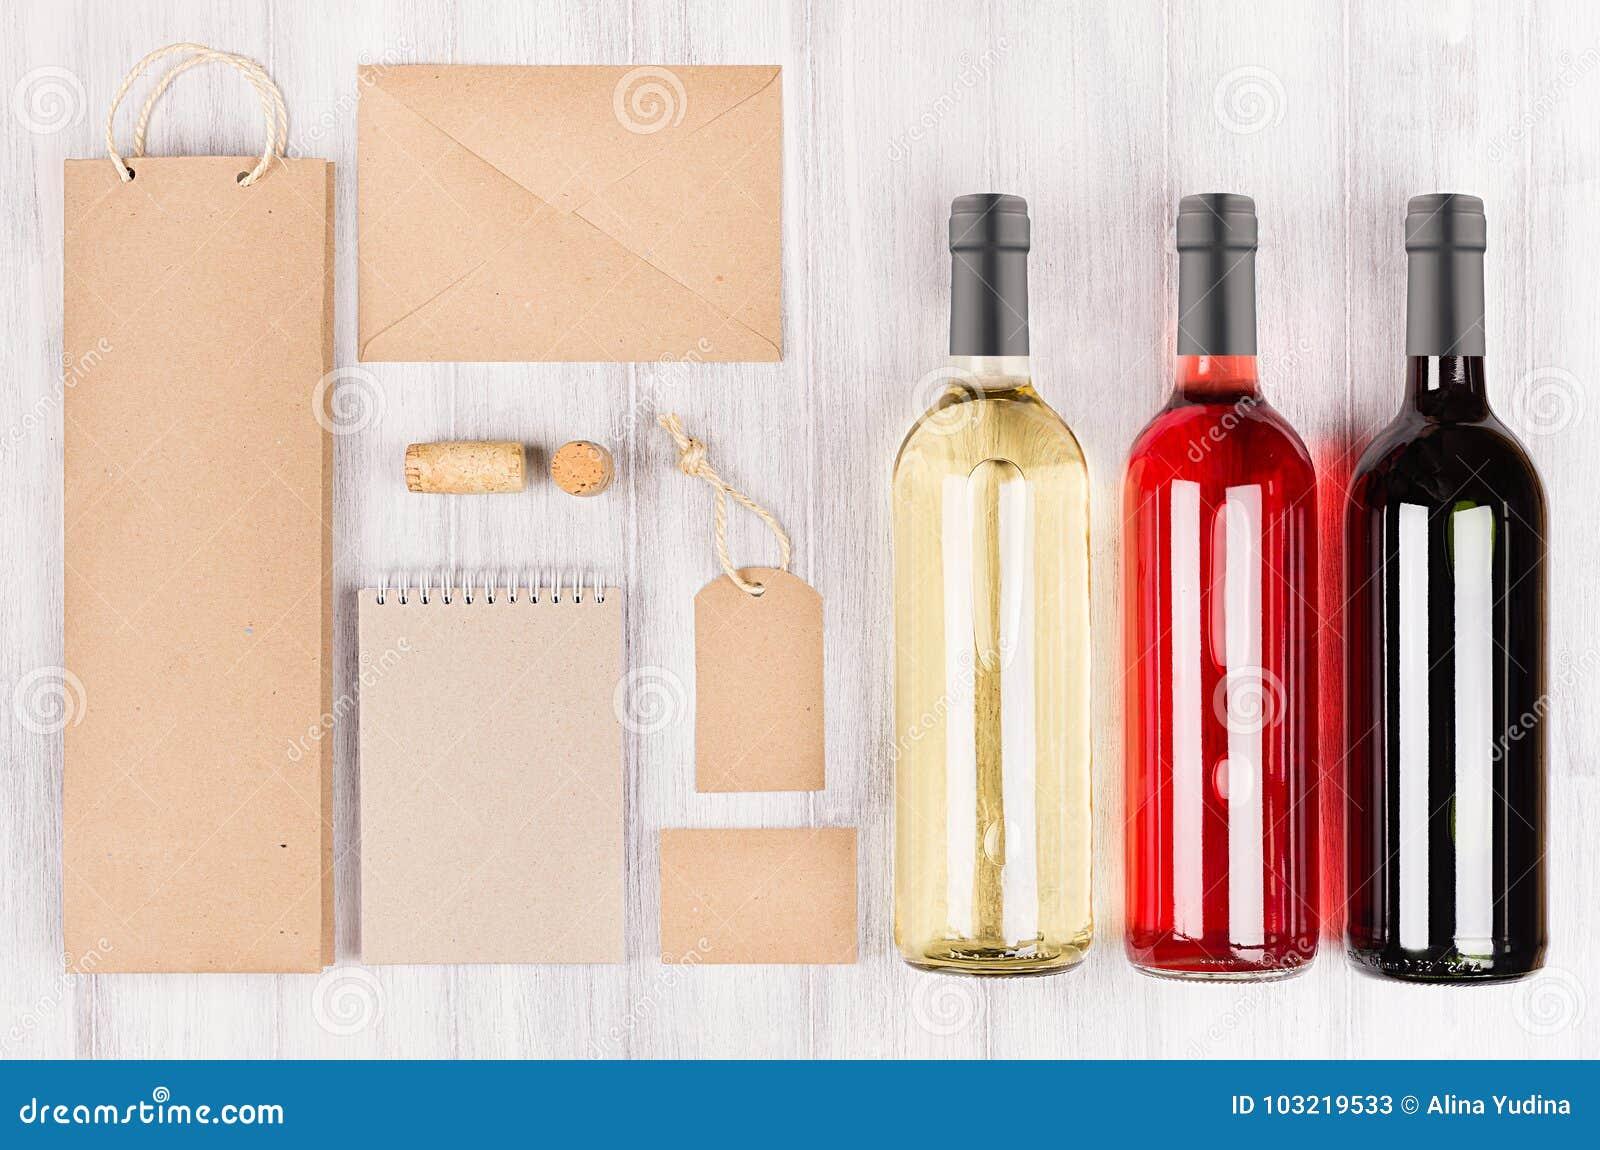 Unternehmensidentitä5sschablone für Weinindustrie, leere braune Kraftpapier-Verpackung, Briefpapier, Waren stellte mit Flaschen v